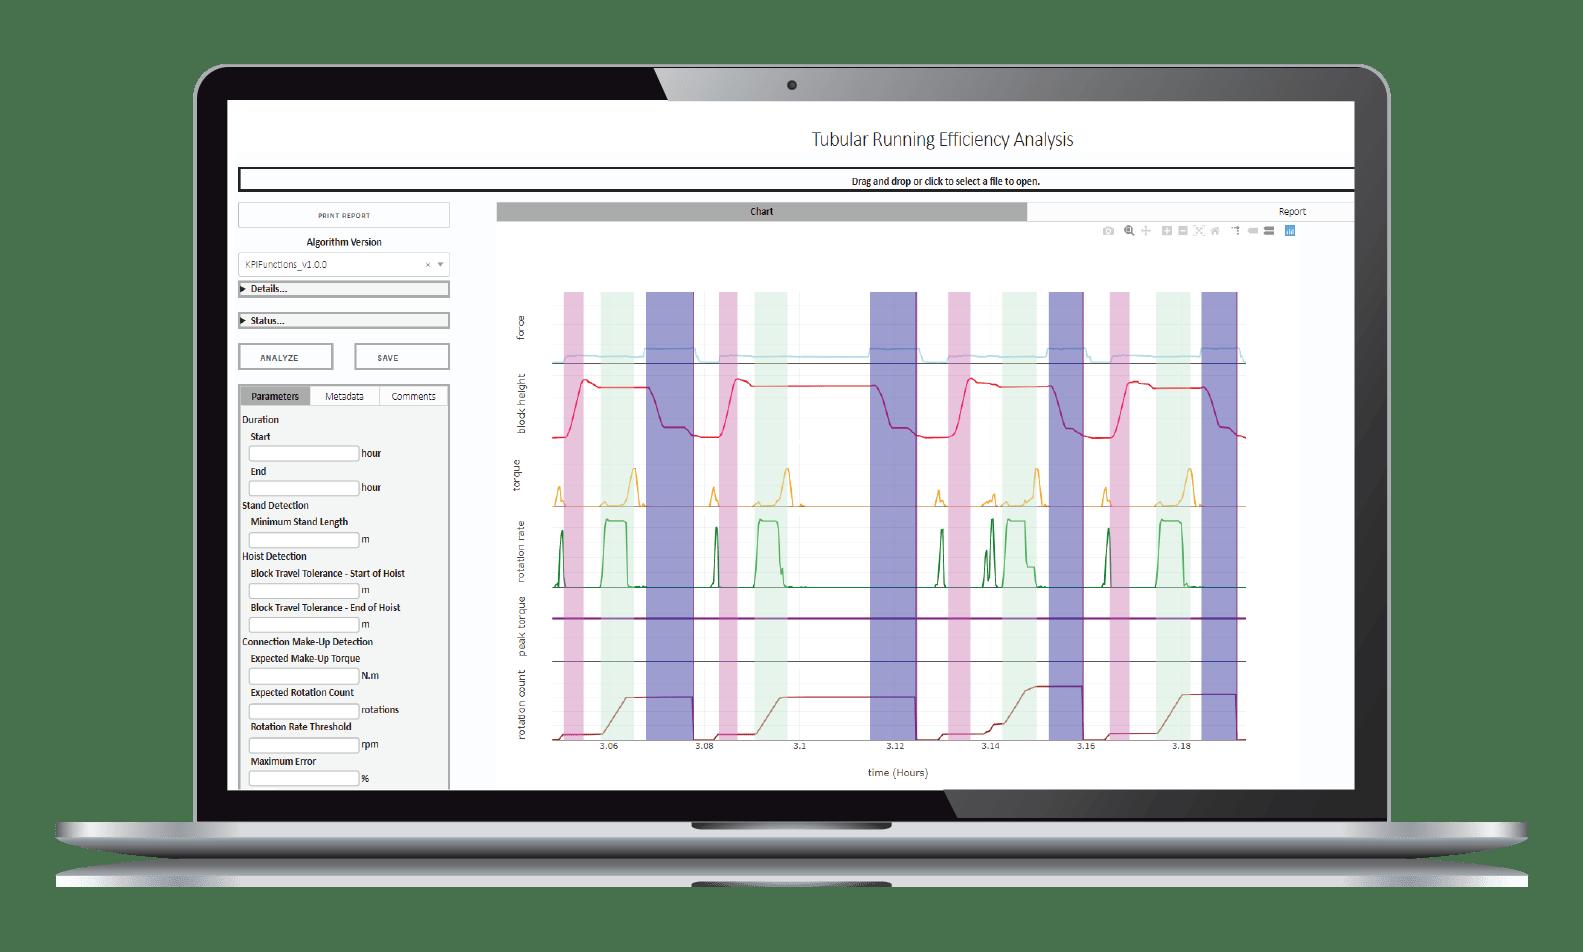 Tubular Running Efficiency Analysis